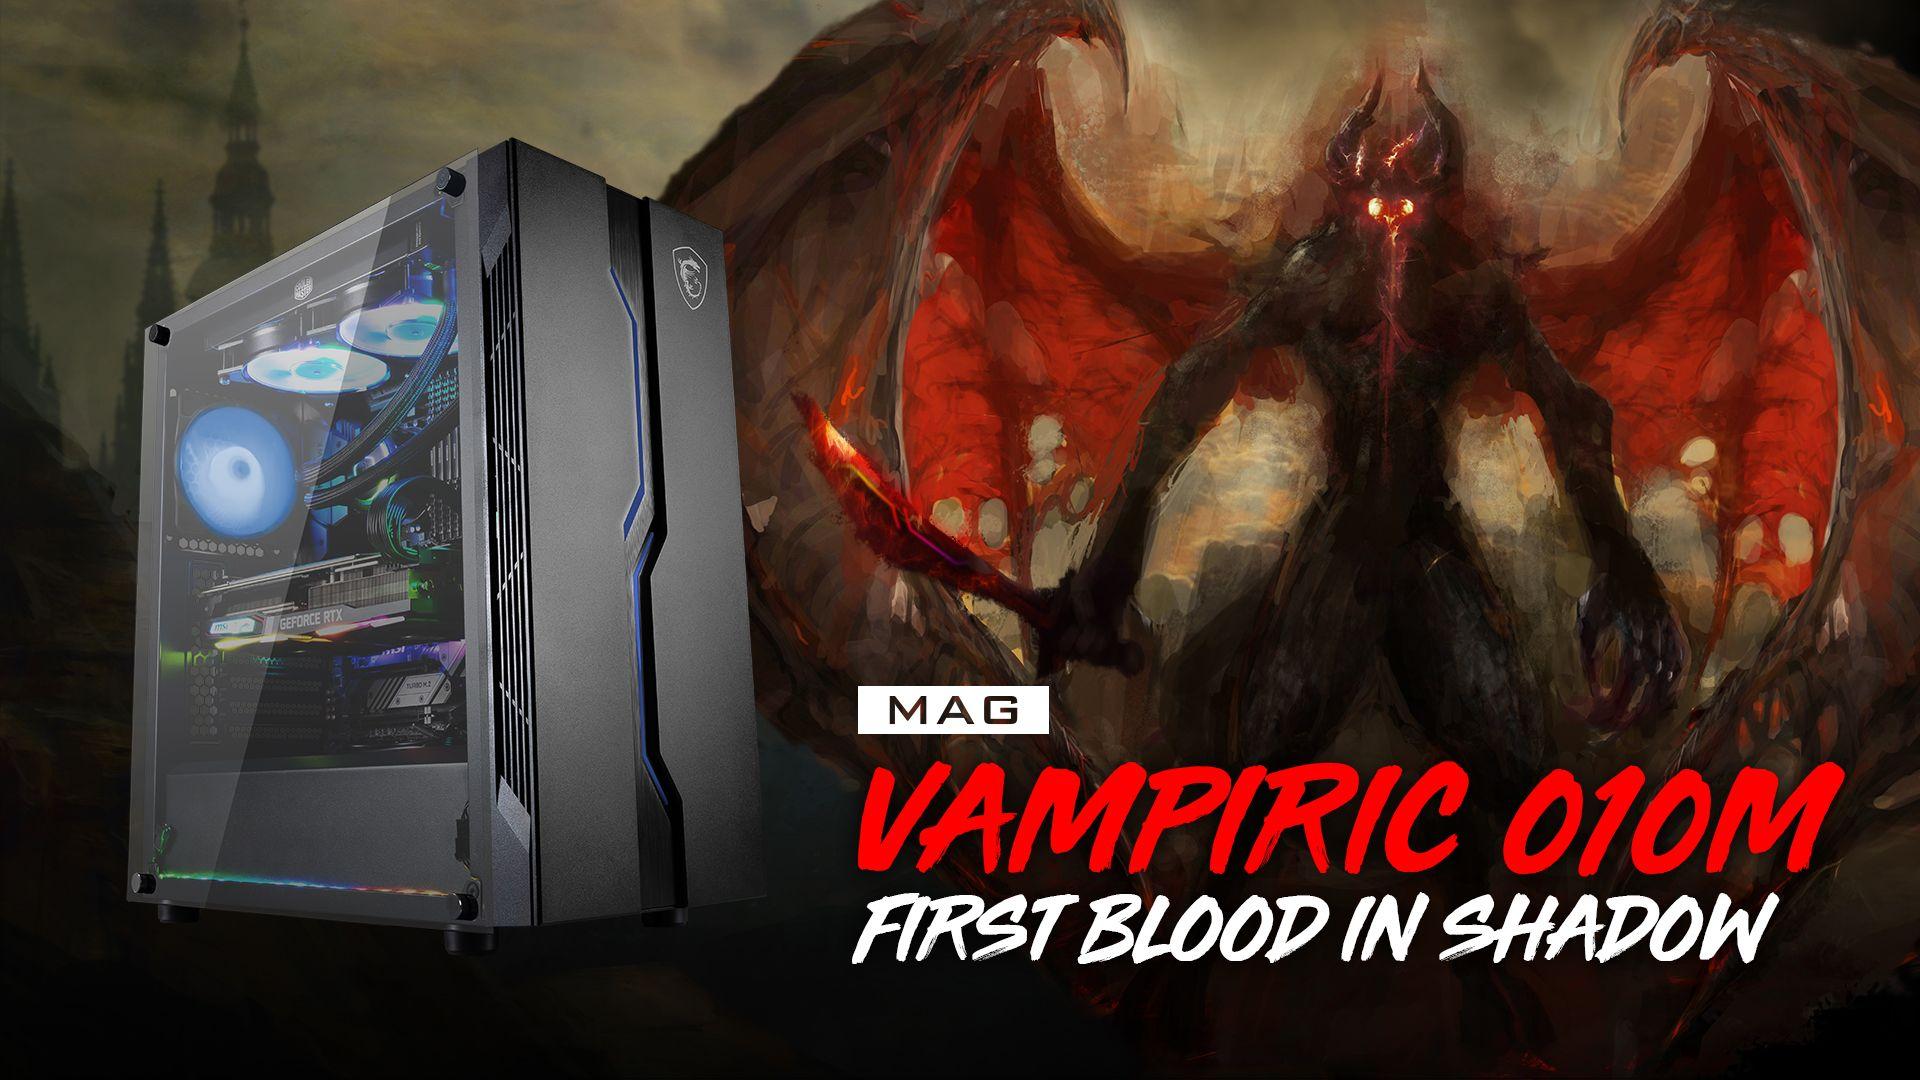 MSI MAG VAMPIRIC 010M CASE